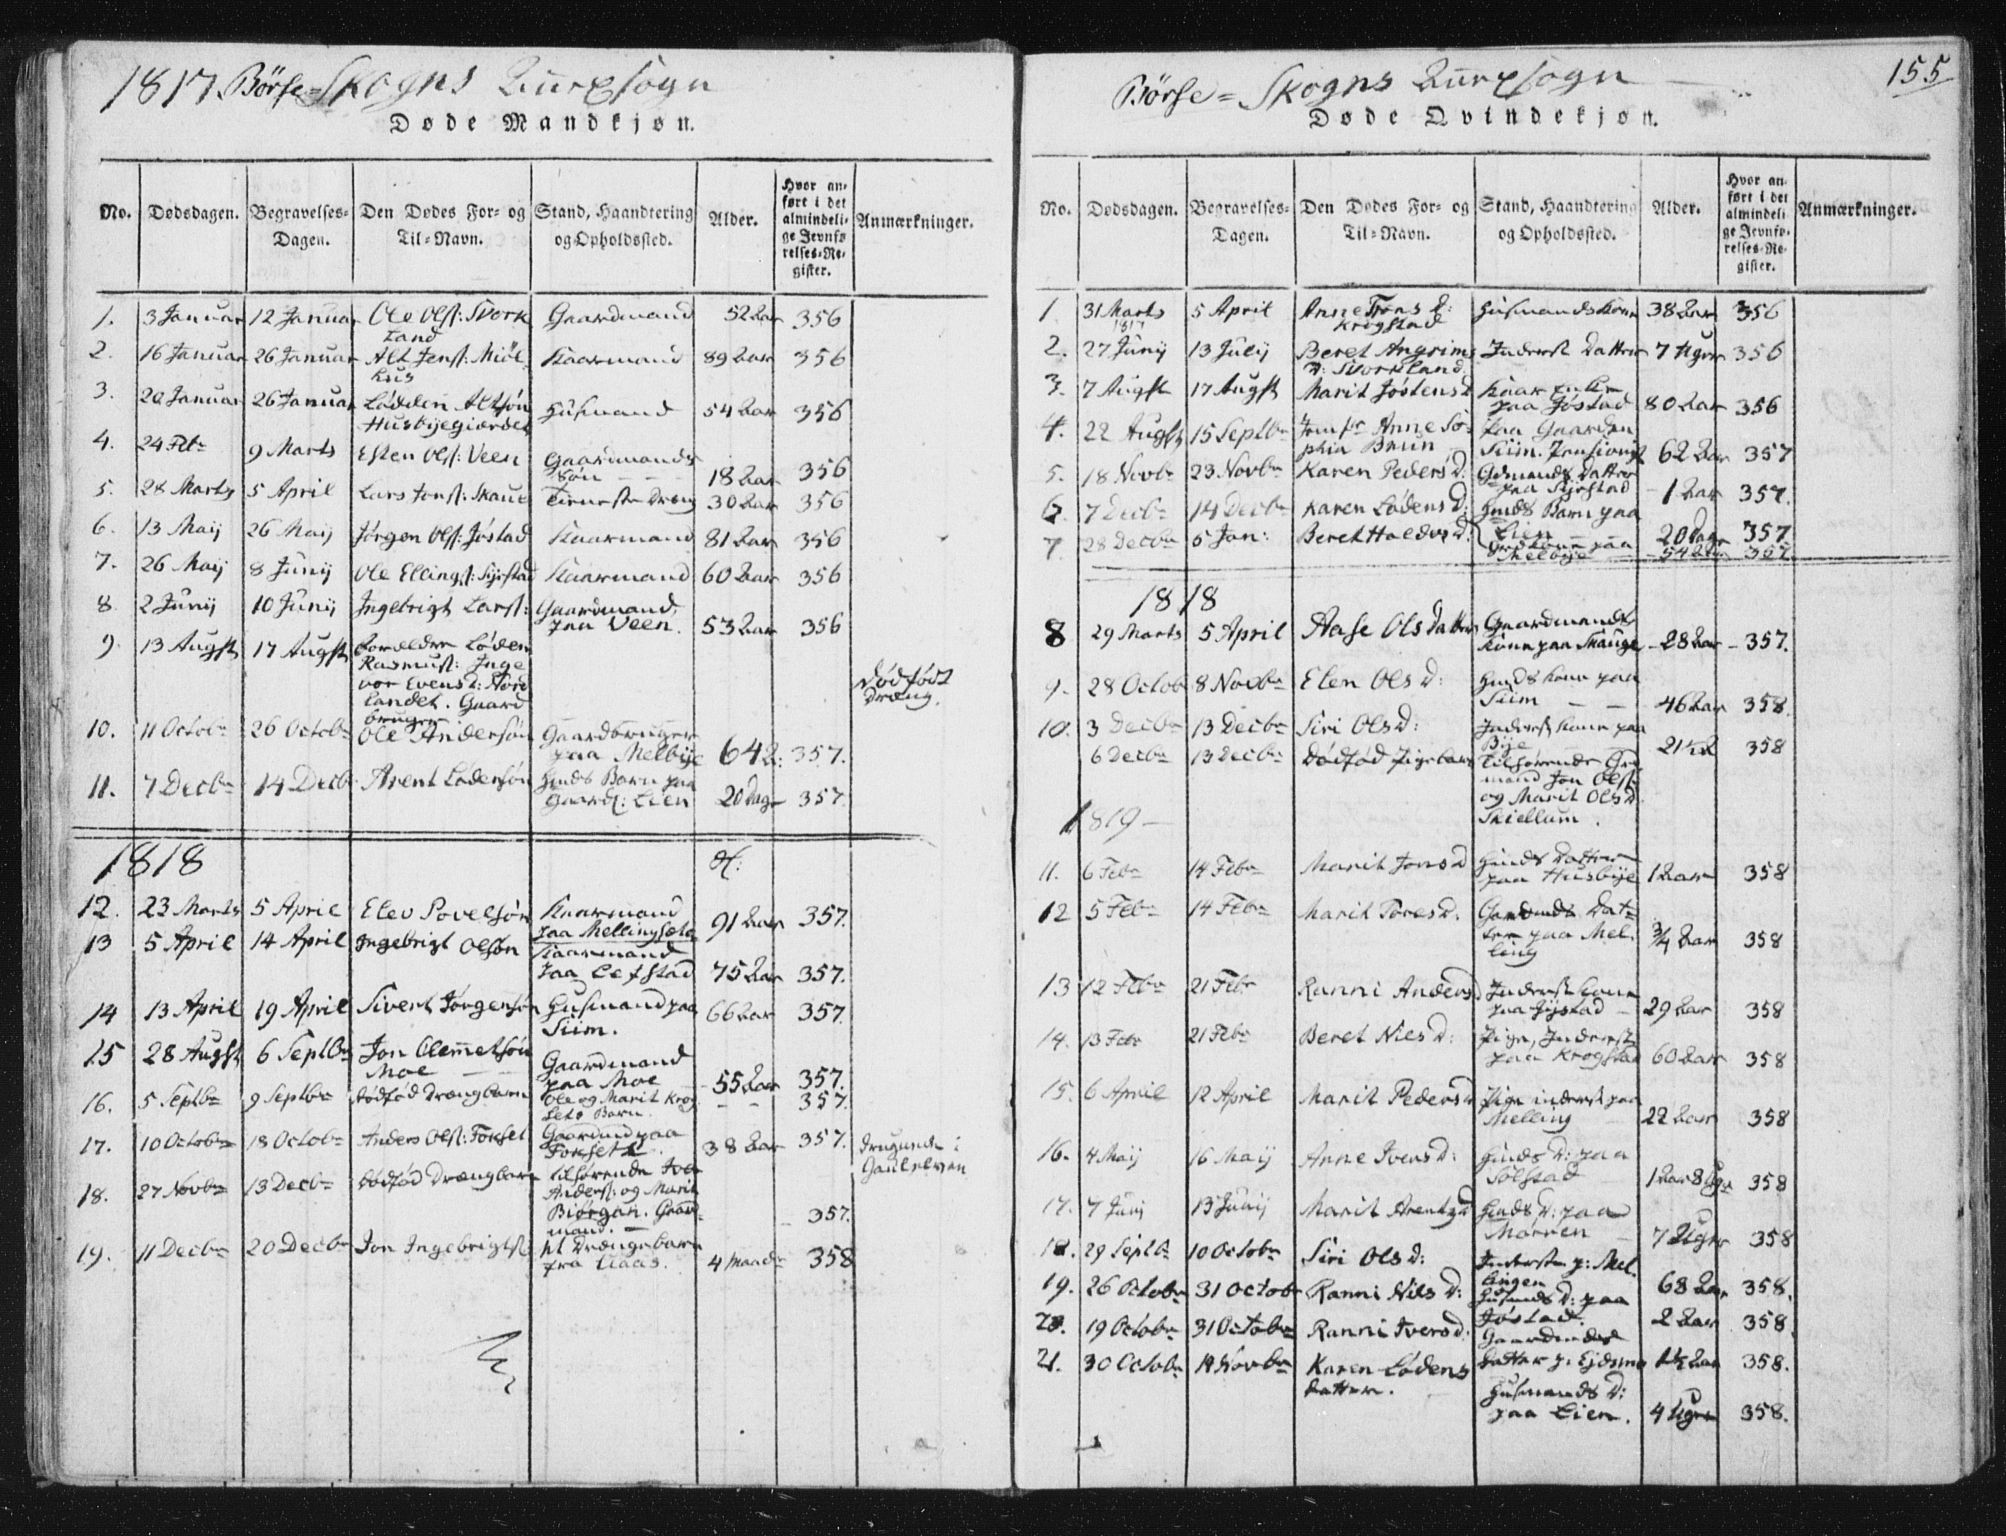 SAT, Ministerialprotokoller, klokkerbøker og fødselsregistre - Sør-Trøndelag, 665/L0770: Ministerialbok nr. 665A05, 1817-1829, s. 155